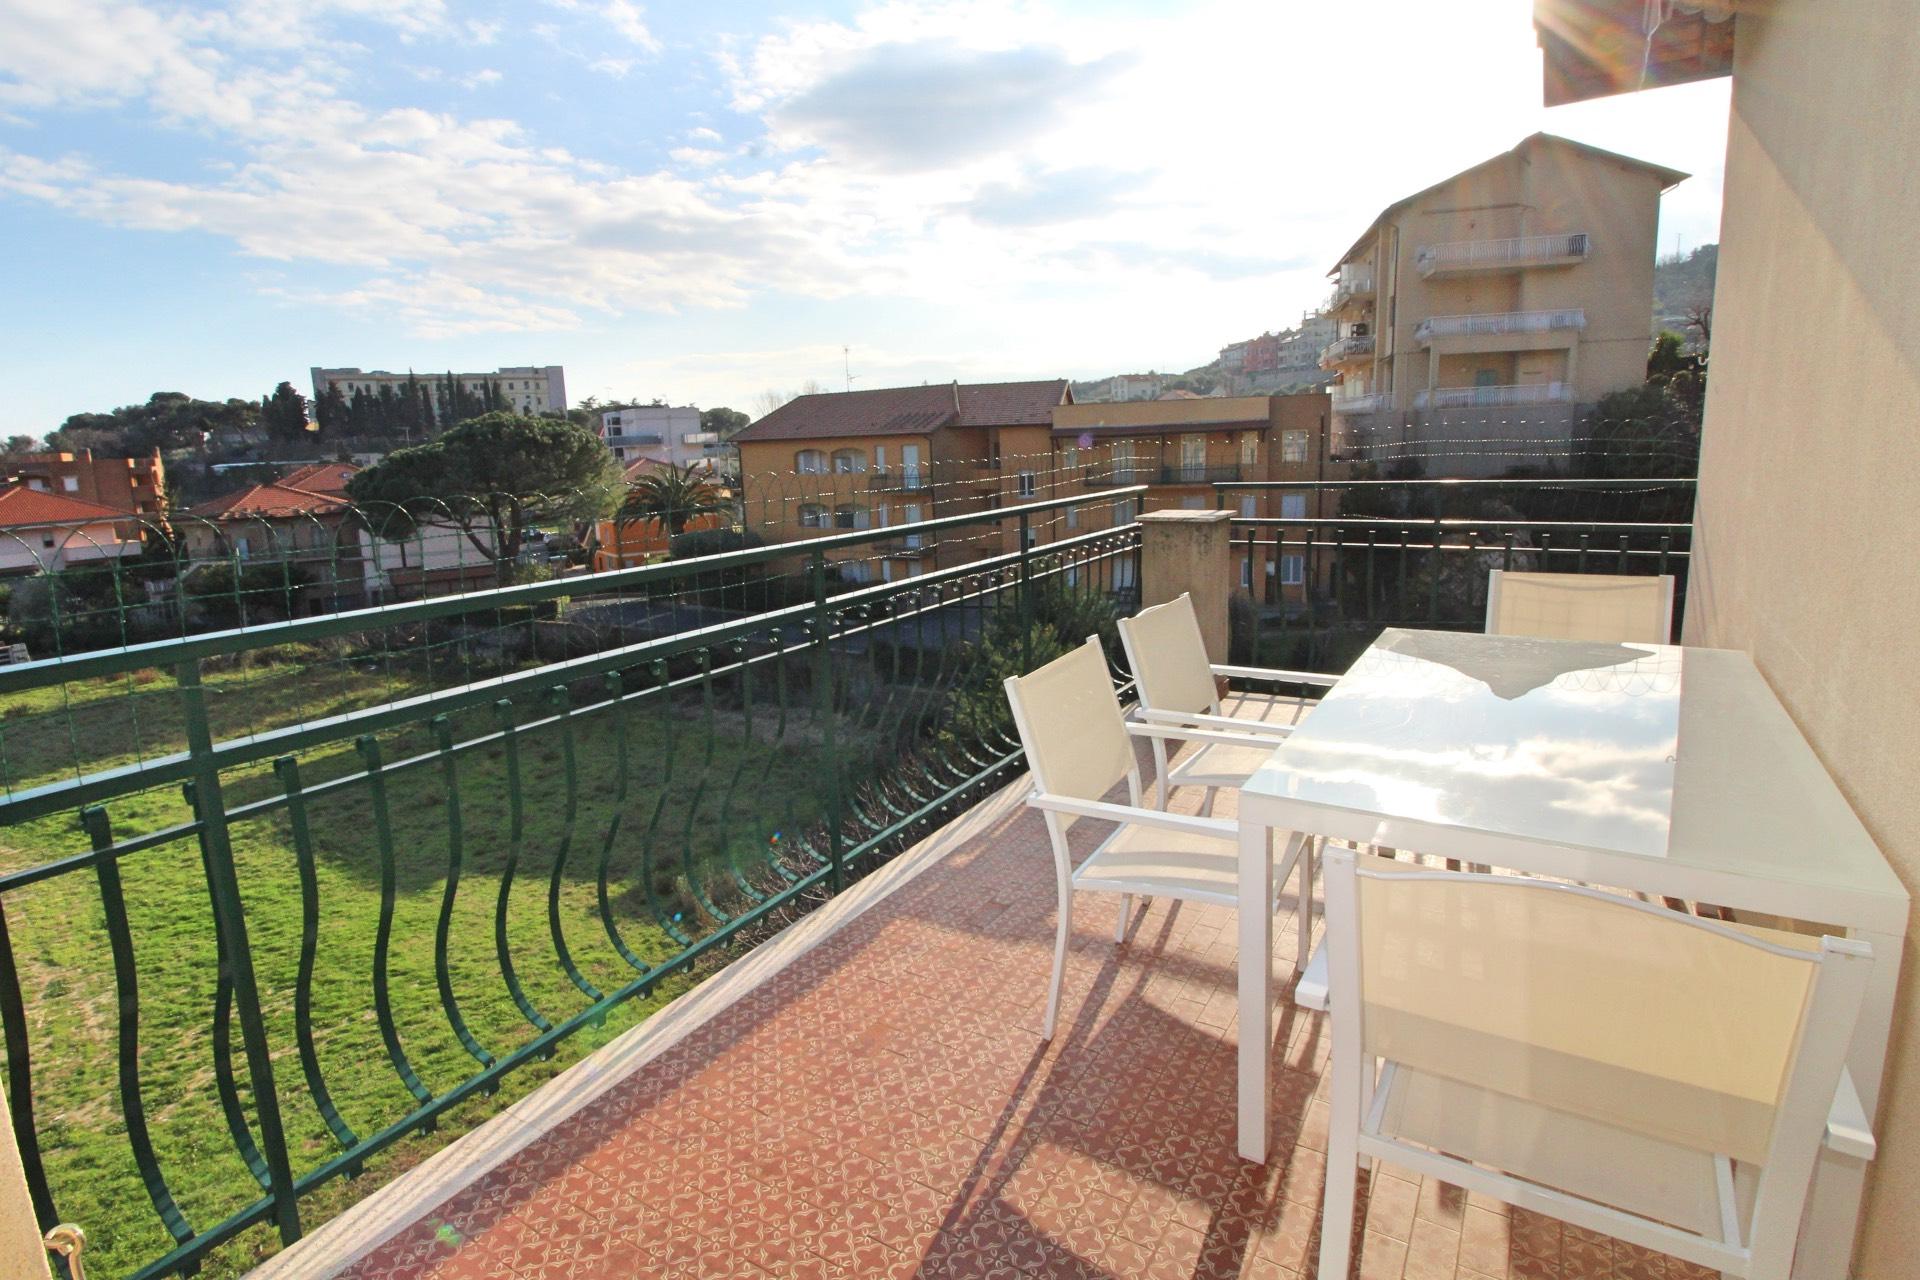 Annunci immobiliari di appartamenti trilocali in vendita a pietra ligure - Pietra ligure agenzie immobiliari ...